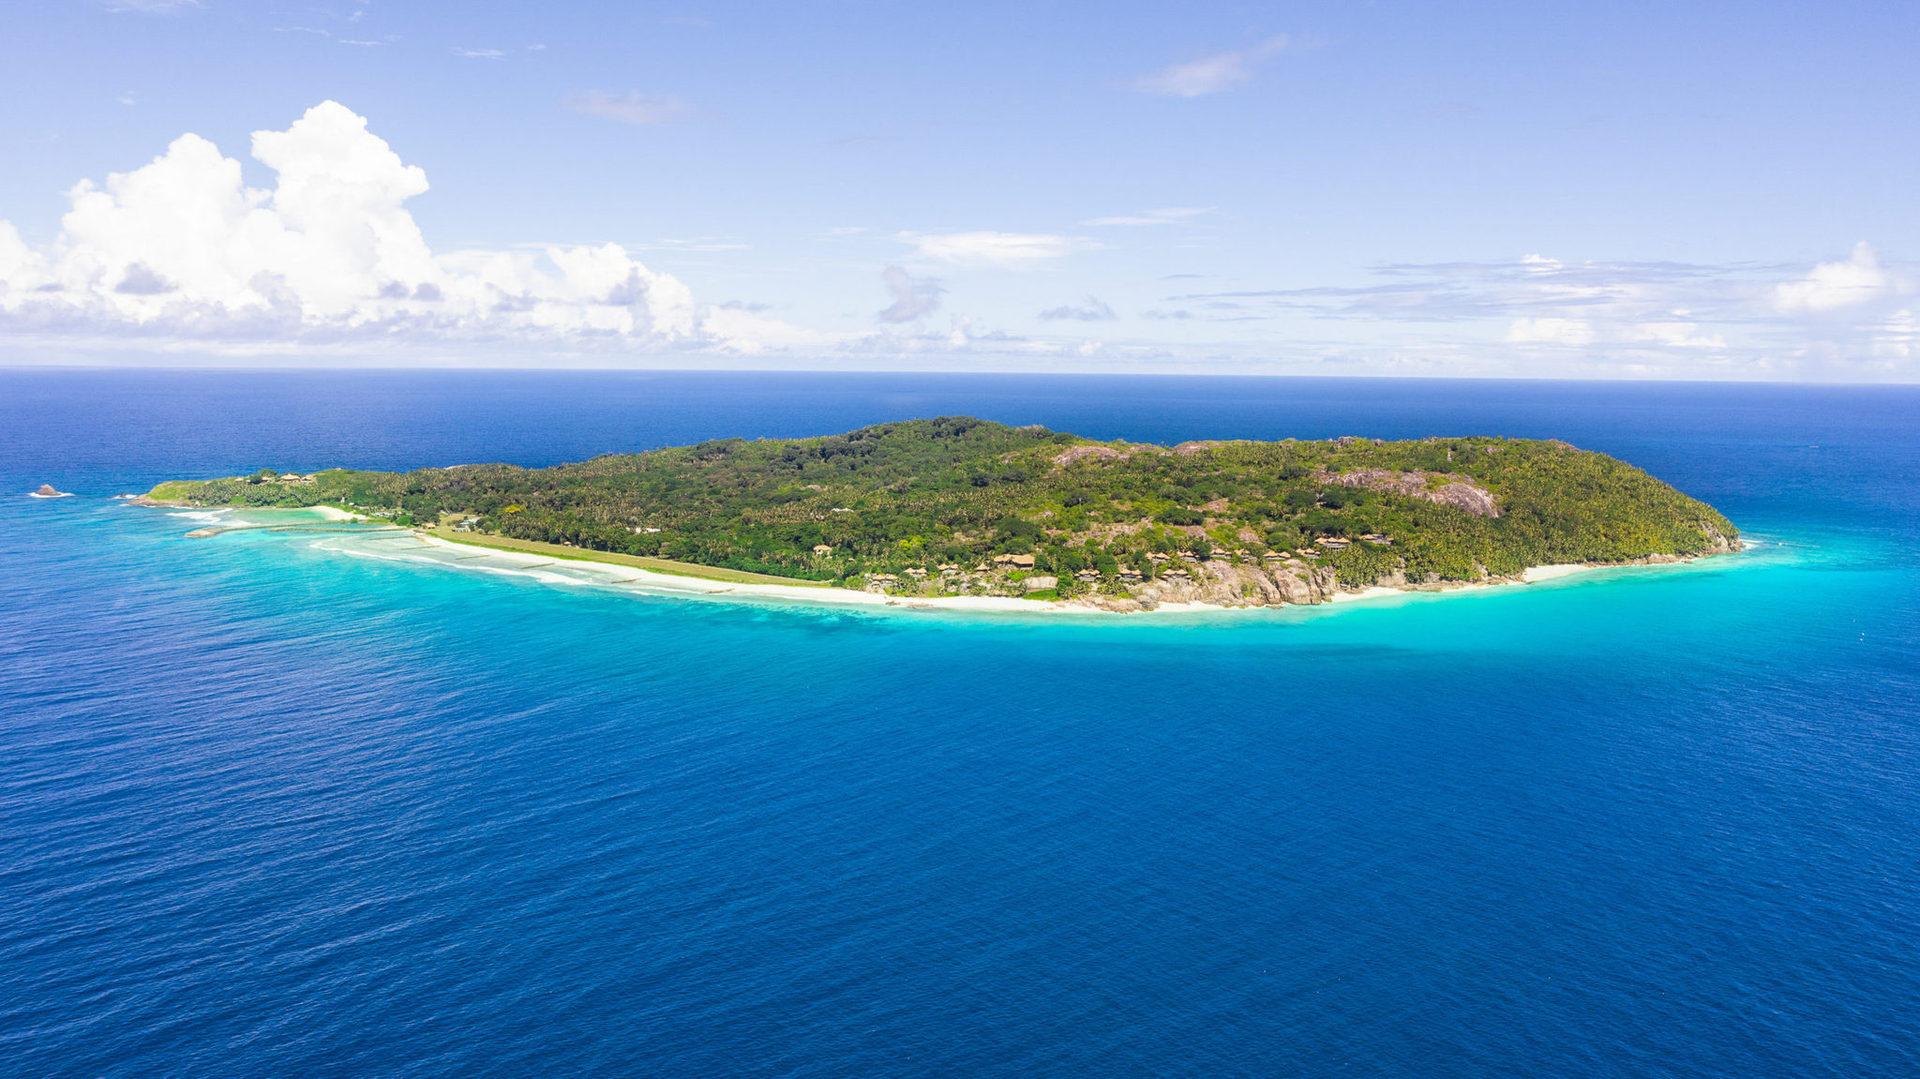 Отель расположен на острове в изоляции от внешнего мира, добраться сюда можно только по морю или воздушным путем. Поэтому отдых у вас будет максимально приватным и уединенным